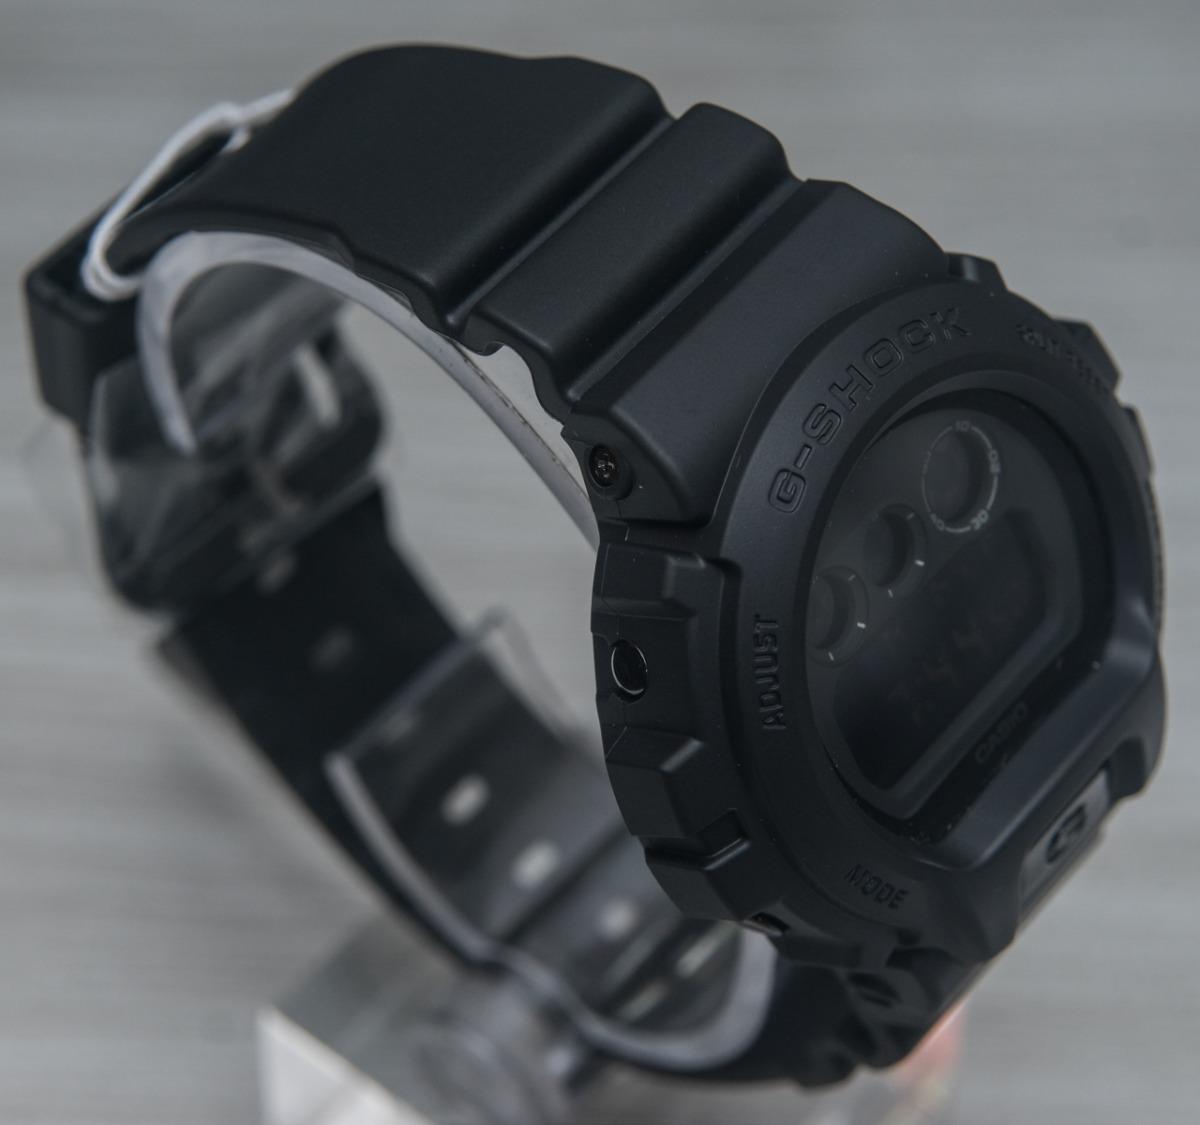 703bde7be8f relógio g-shock dw-6900bb all black preto militar original. Carregando zoom.